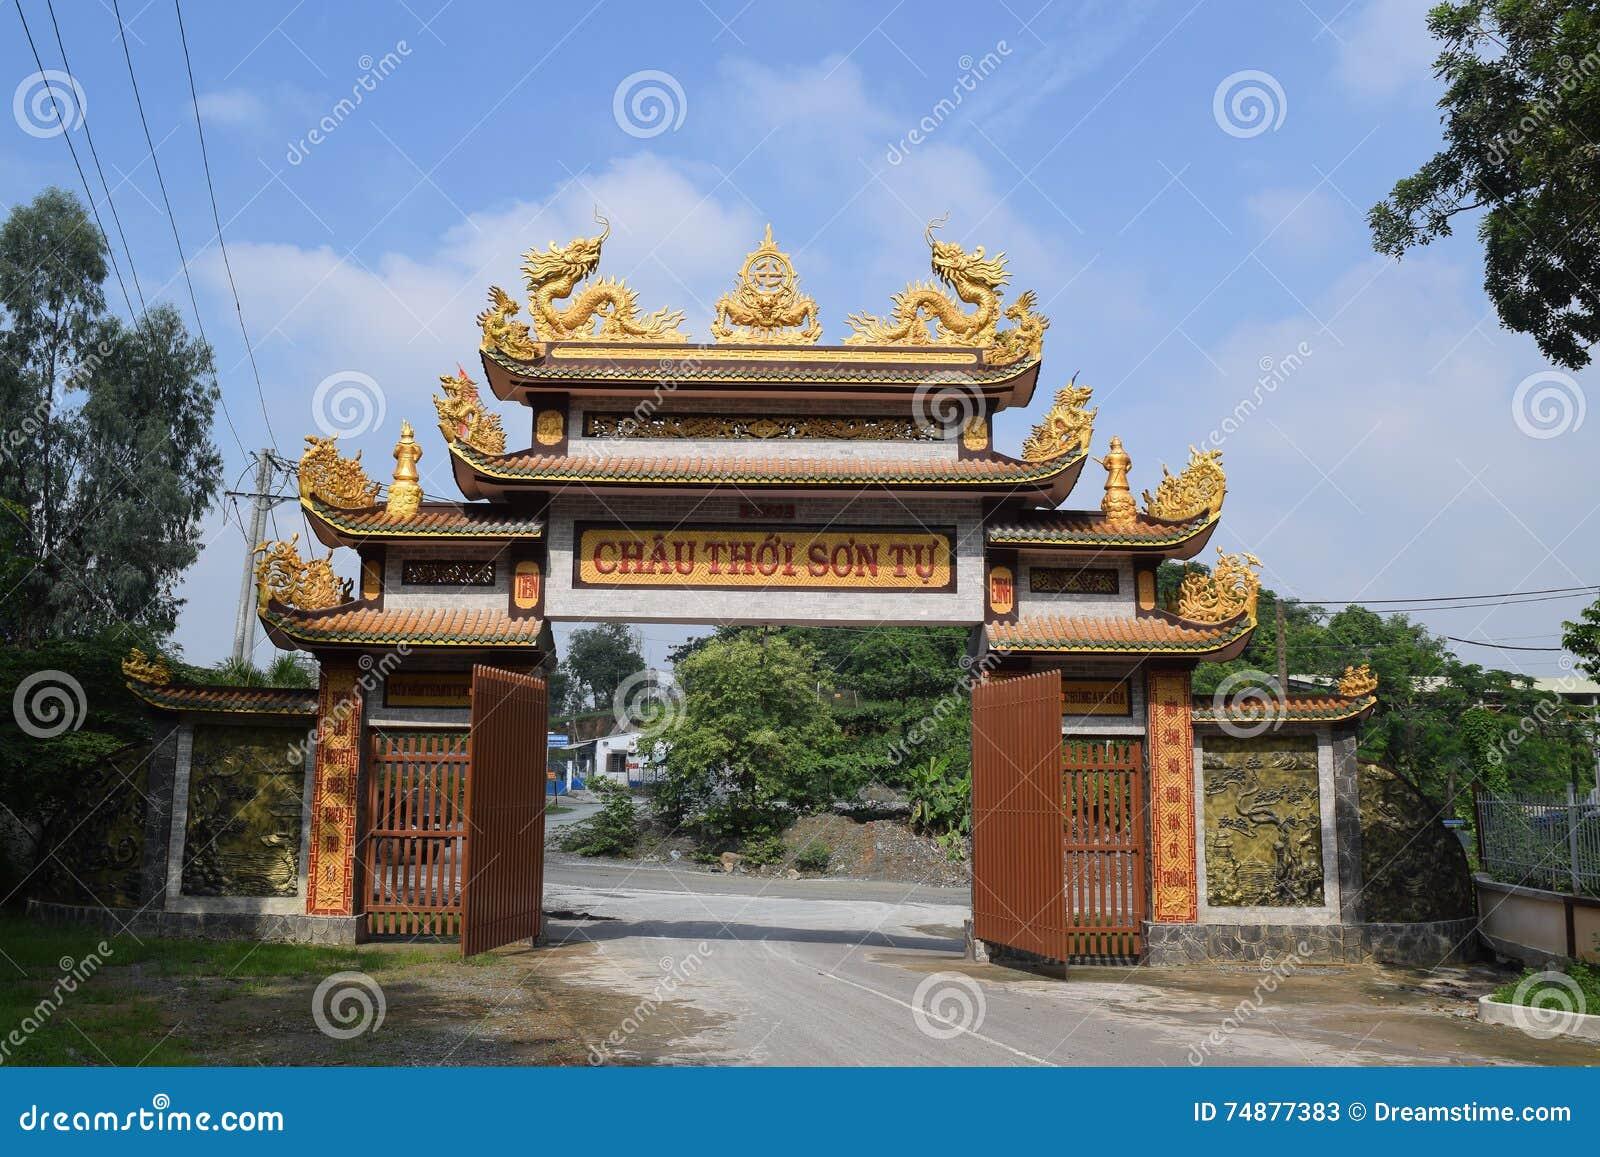 Chau Thoi wejściowa świątynia w Binh Duong prowinci, Wietnam